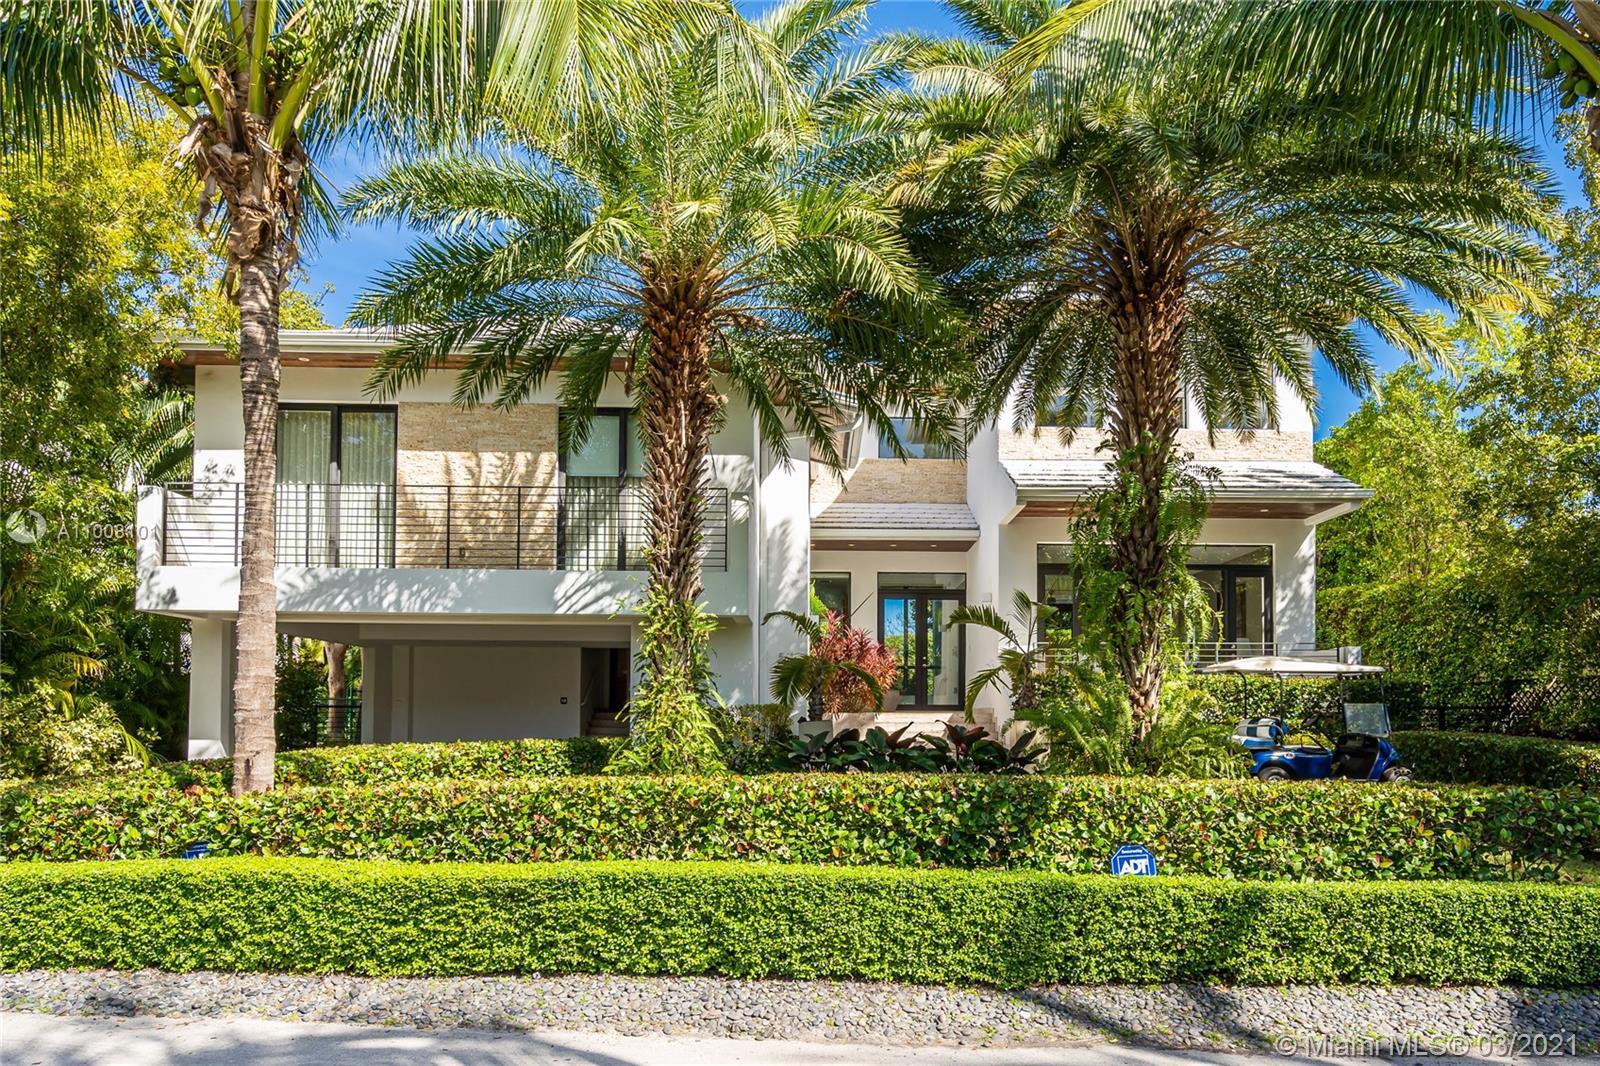 Tropical Isle Homes - 561 Hampton Ln, Key Biscayne, FL 33149